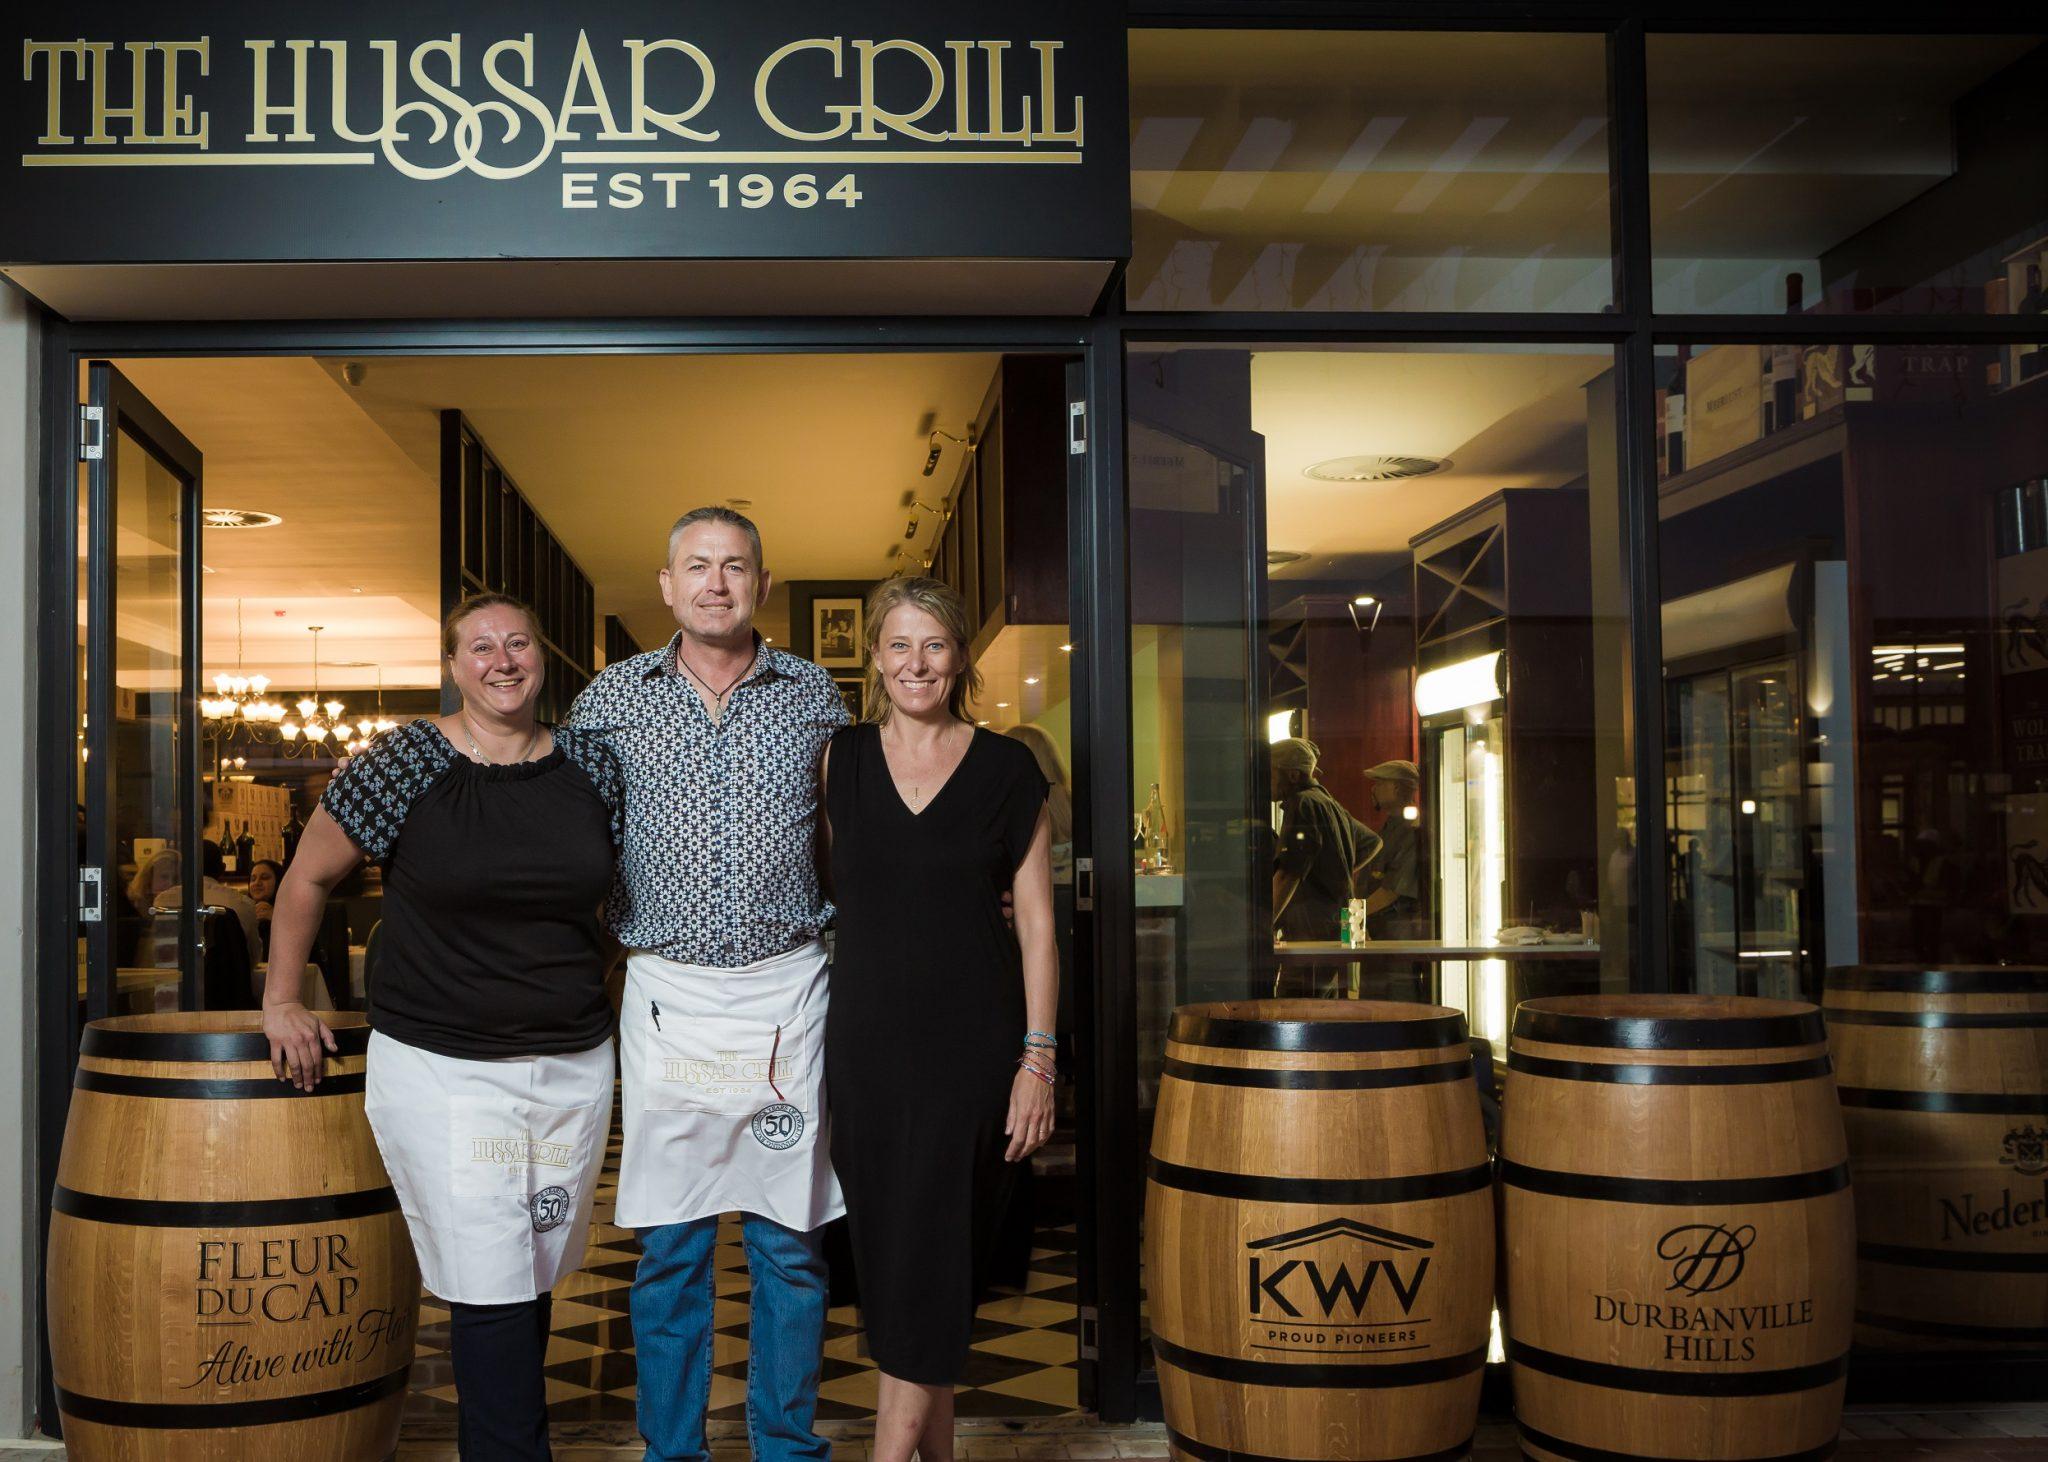 The Hussar Grill Durbanville